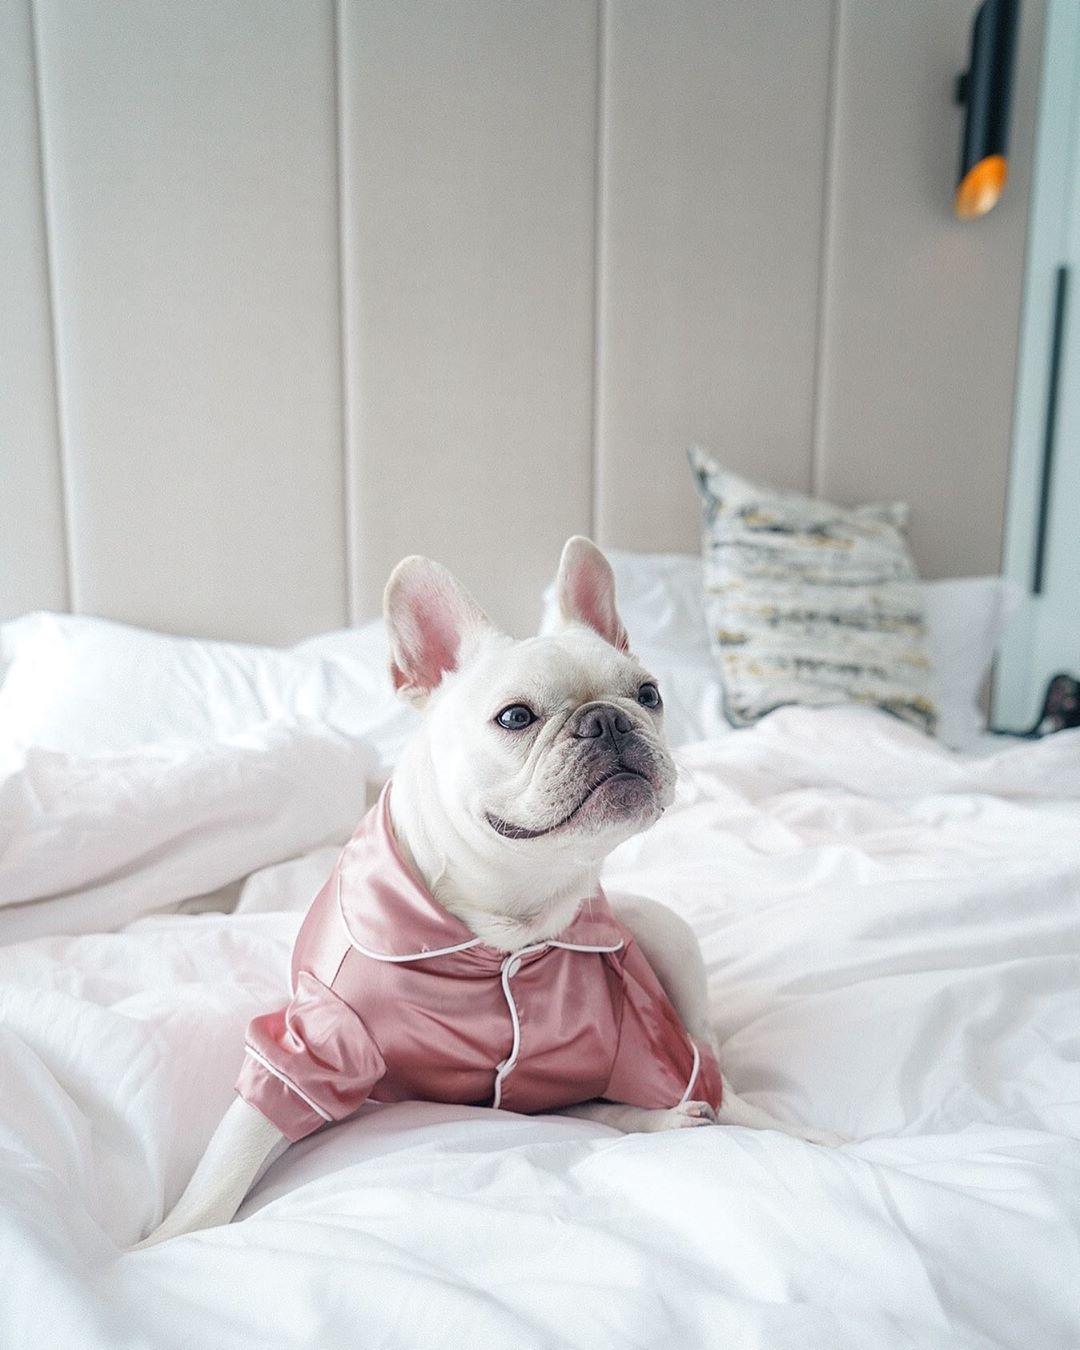 可帶寵物入住的香港酒店|香港酒店推介